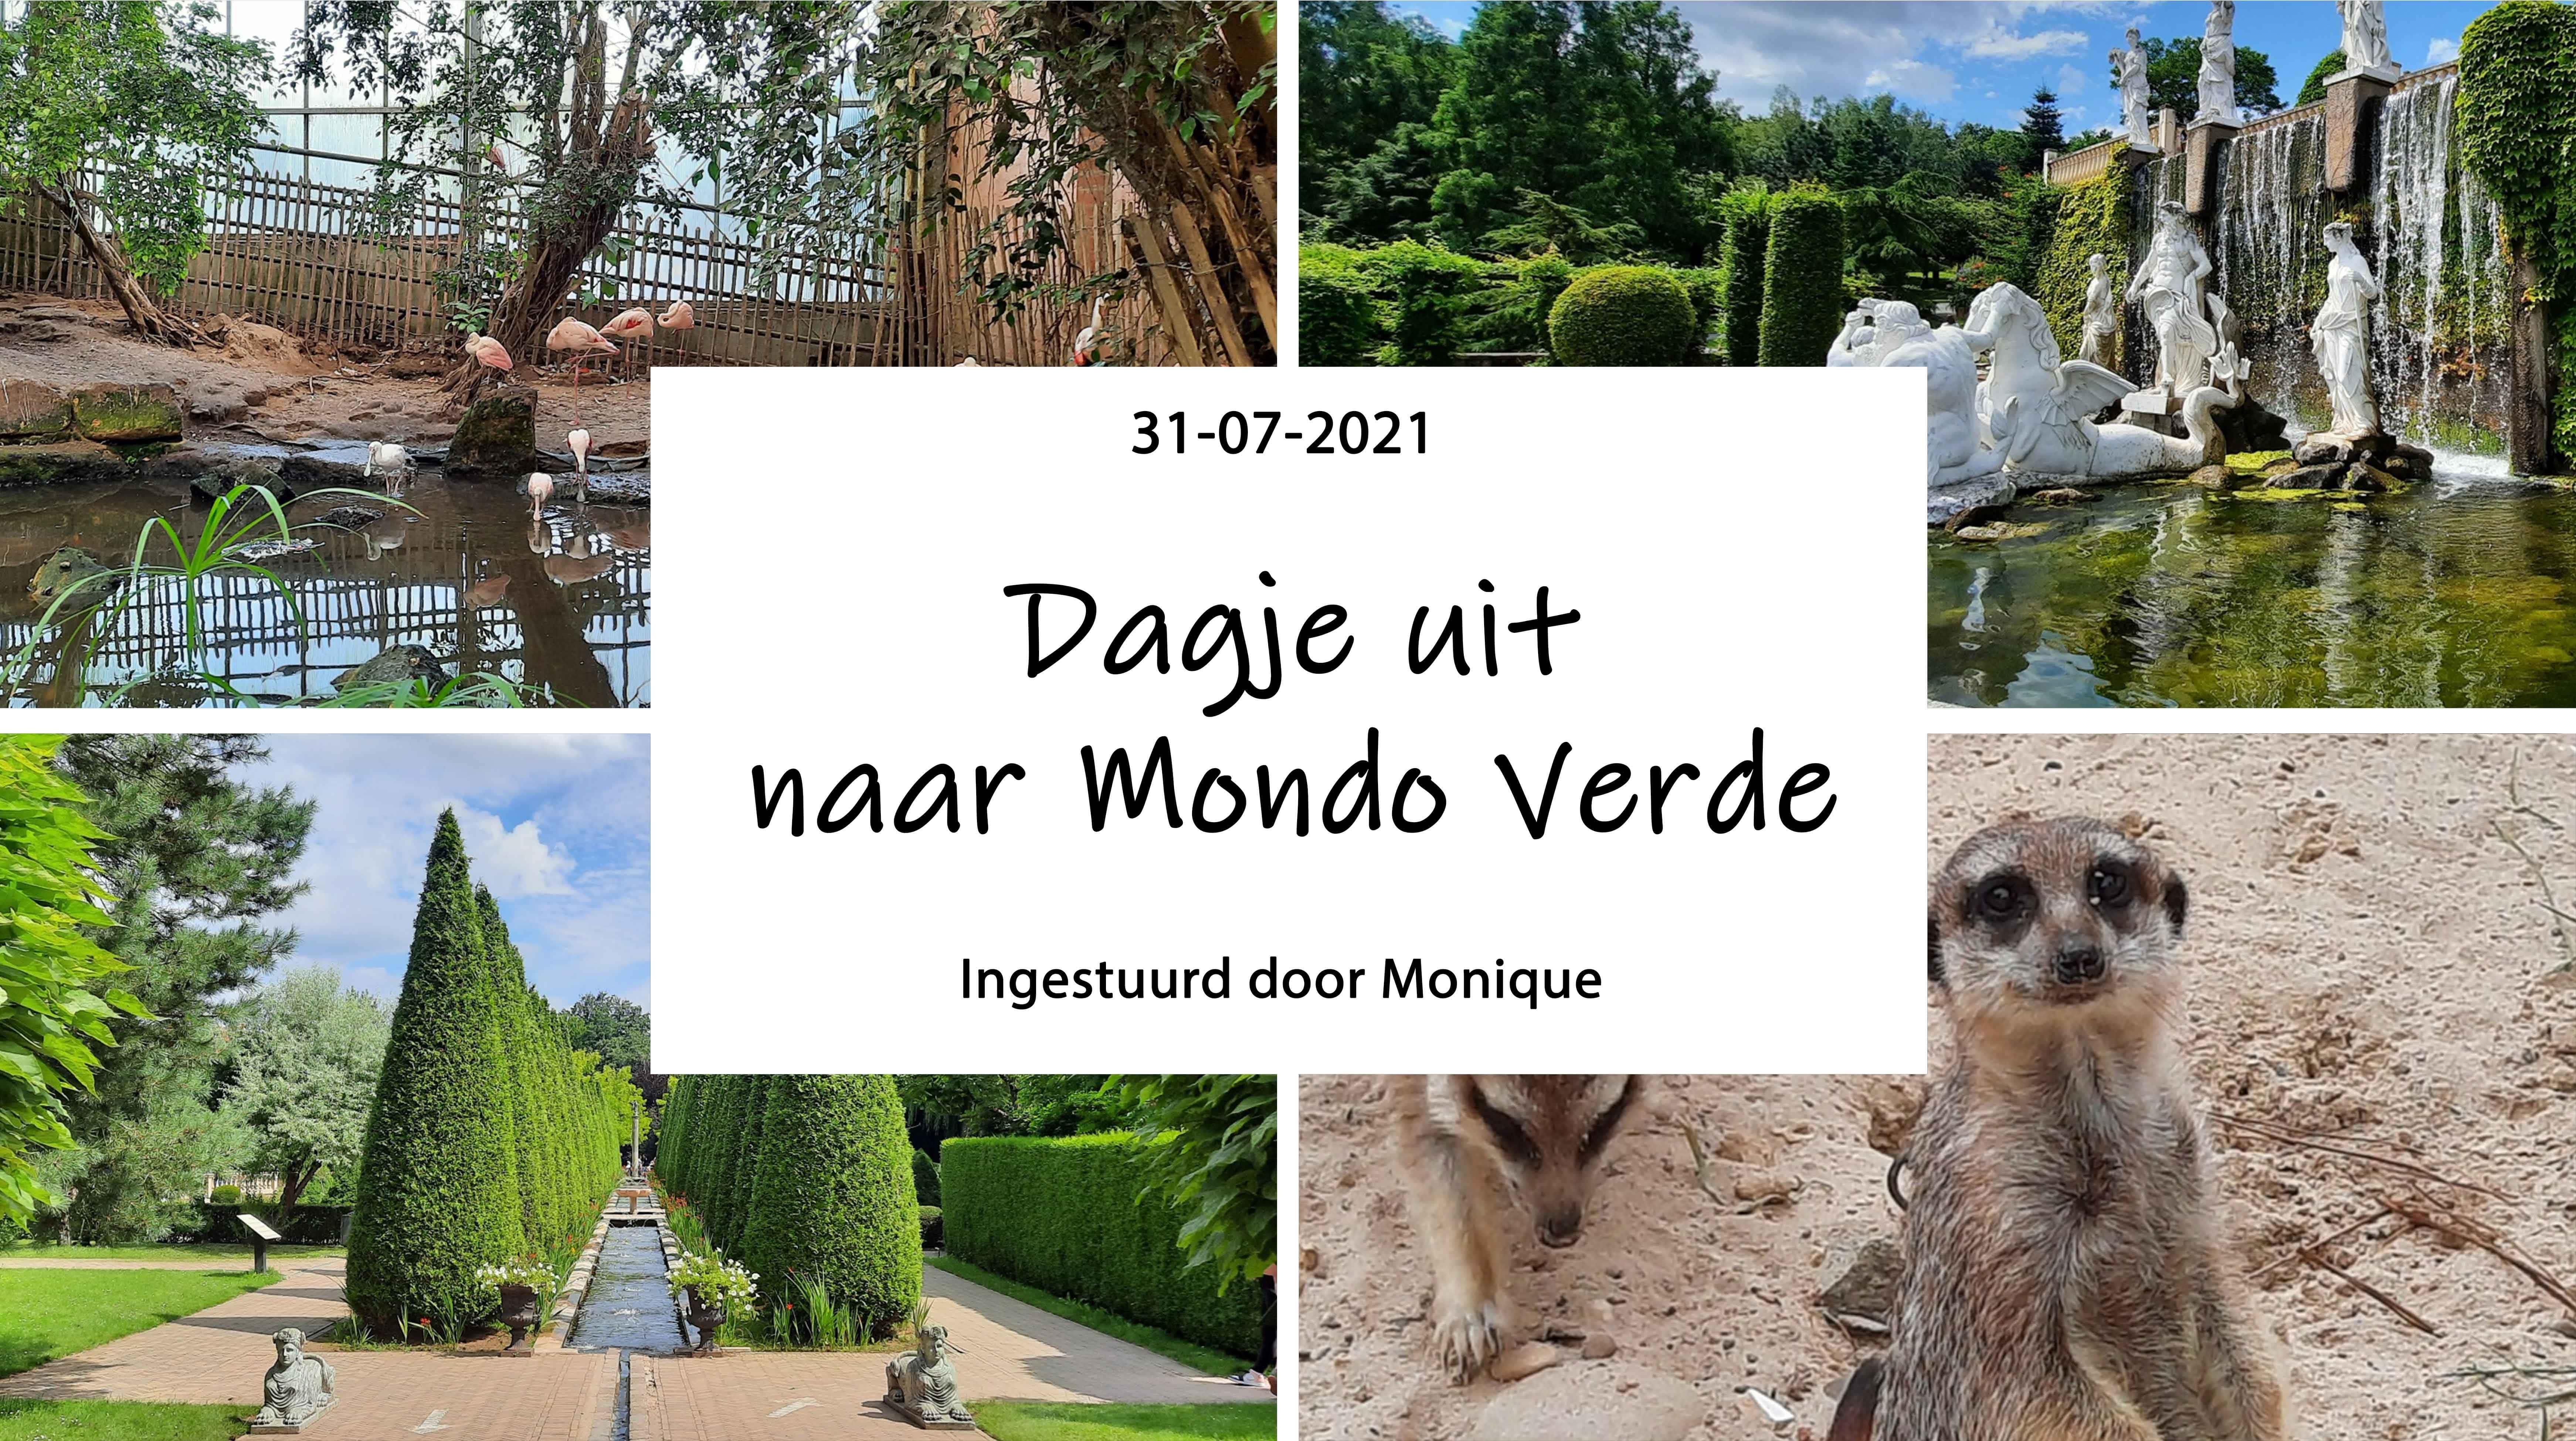 Dagje uit naar Mondo Verde